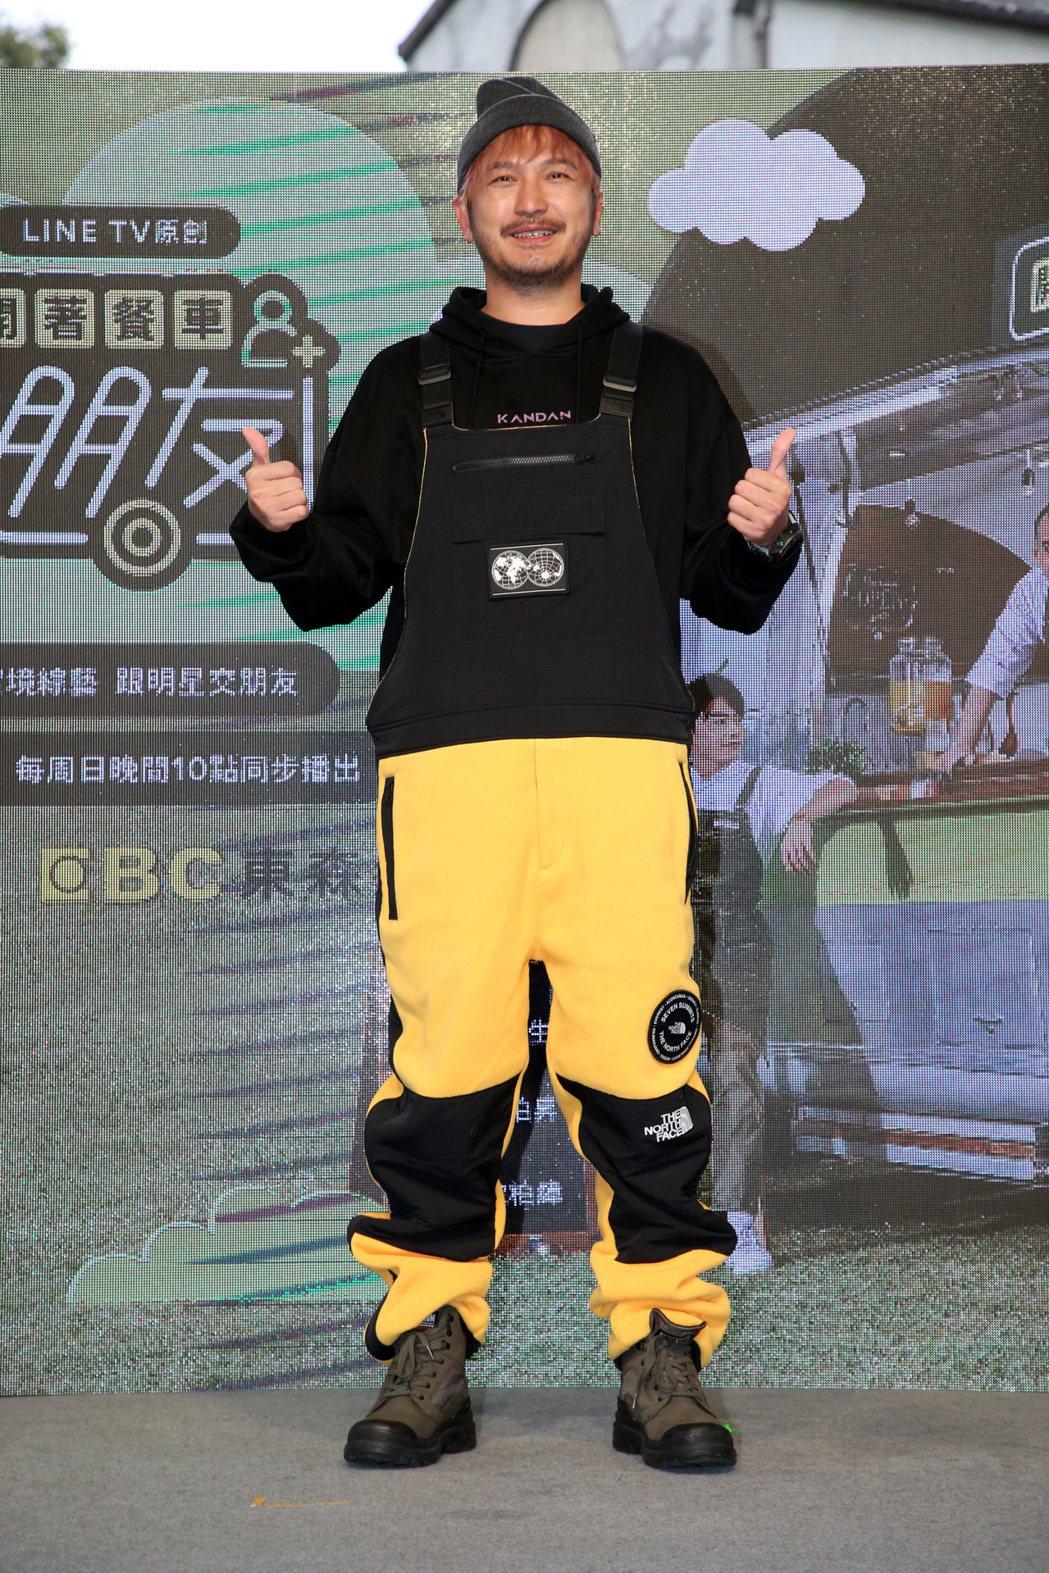 KID林柏昇主持的實境節目「開著餐車交朋友」舉行首映記者會。記者胡經周/攝影